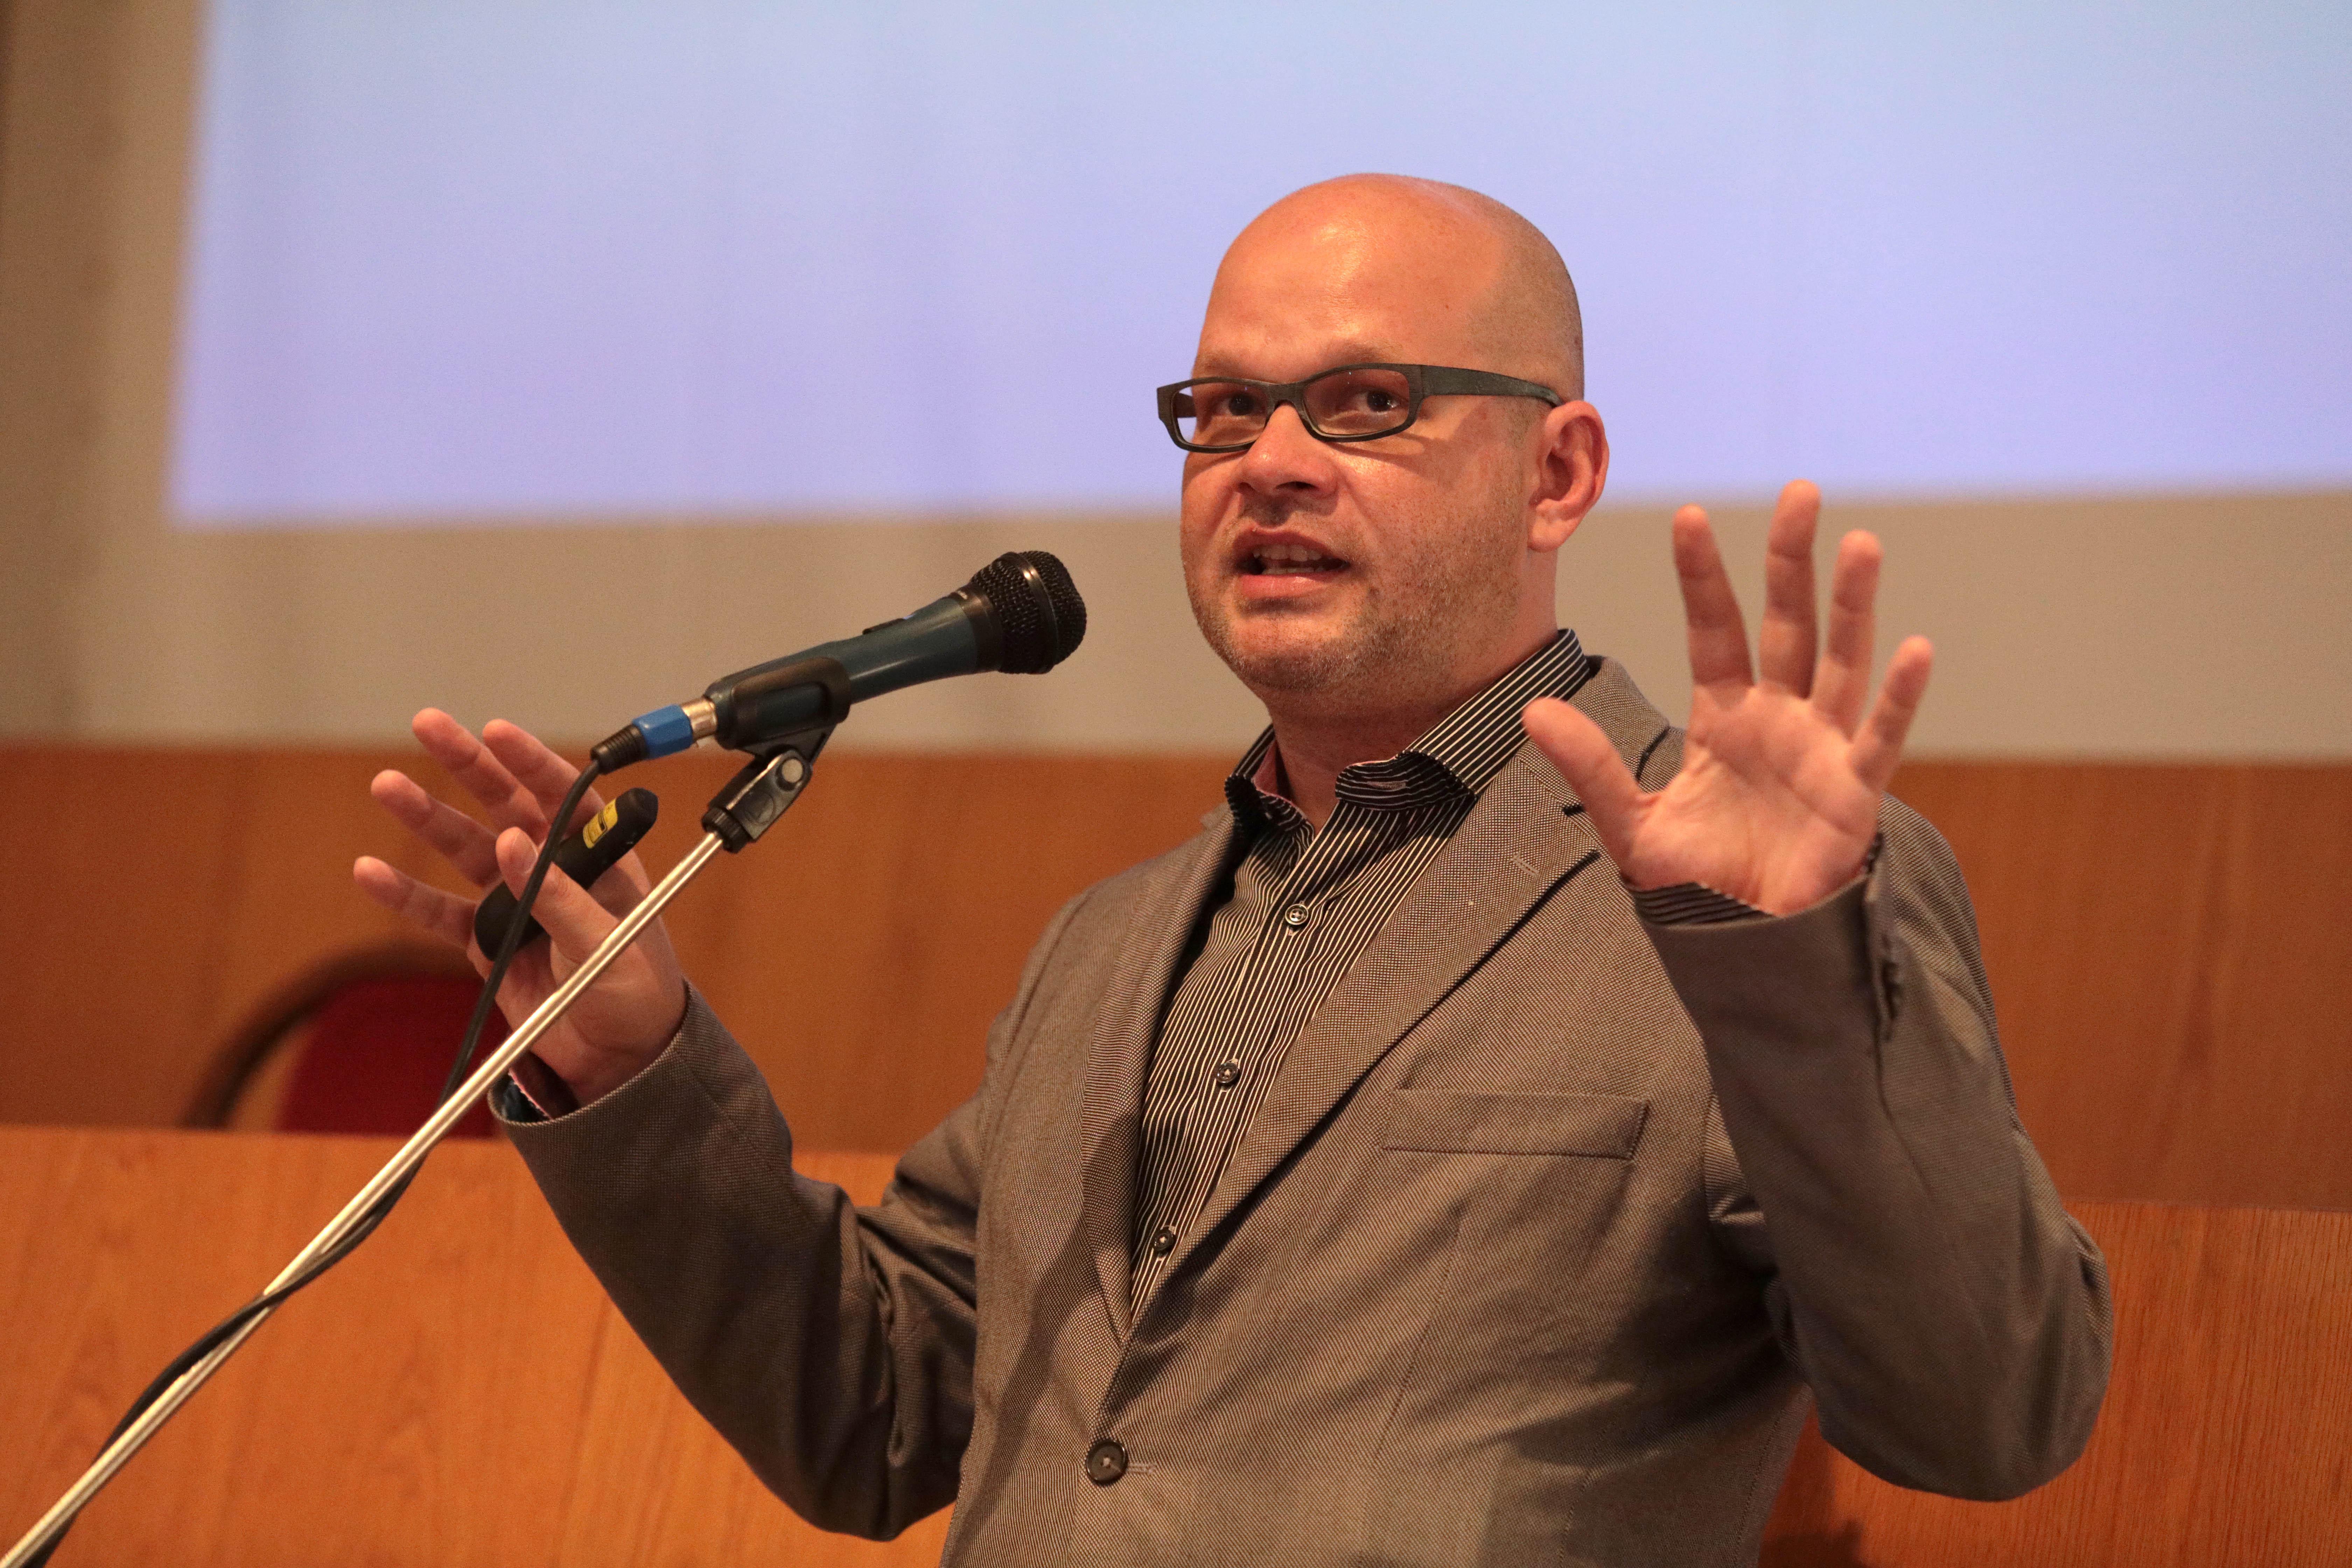 Tomáš Marušiak